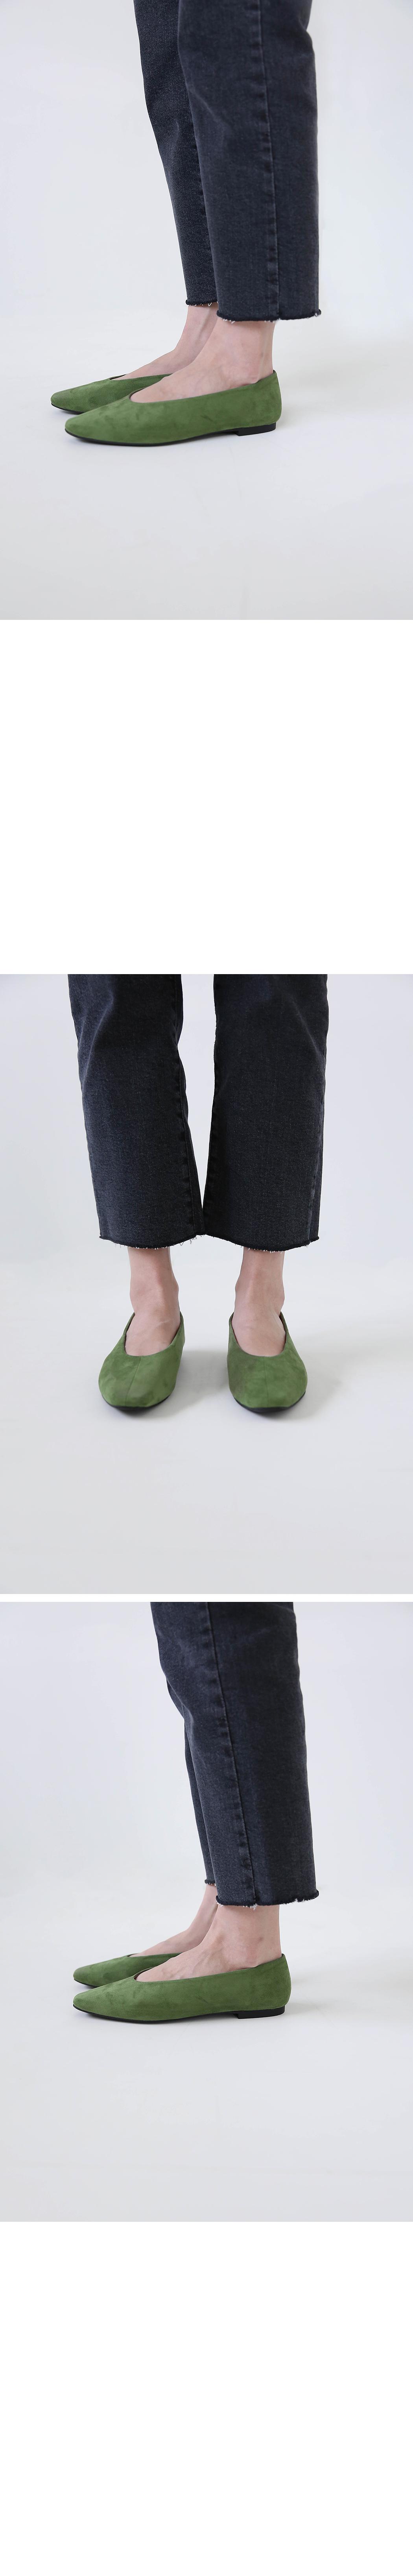 Color suede flat shoes